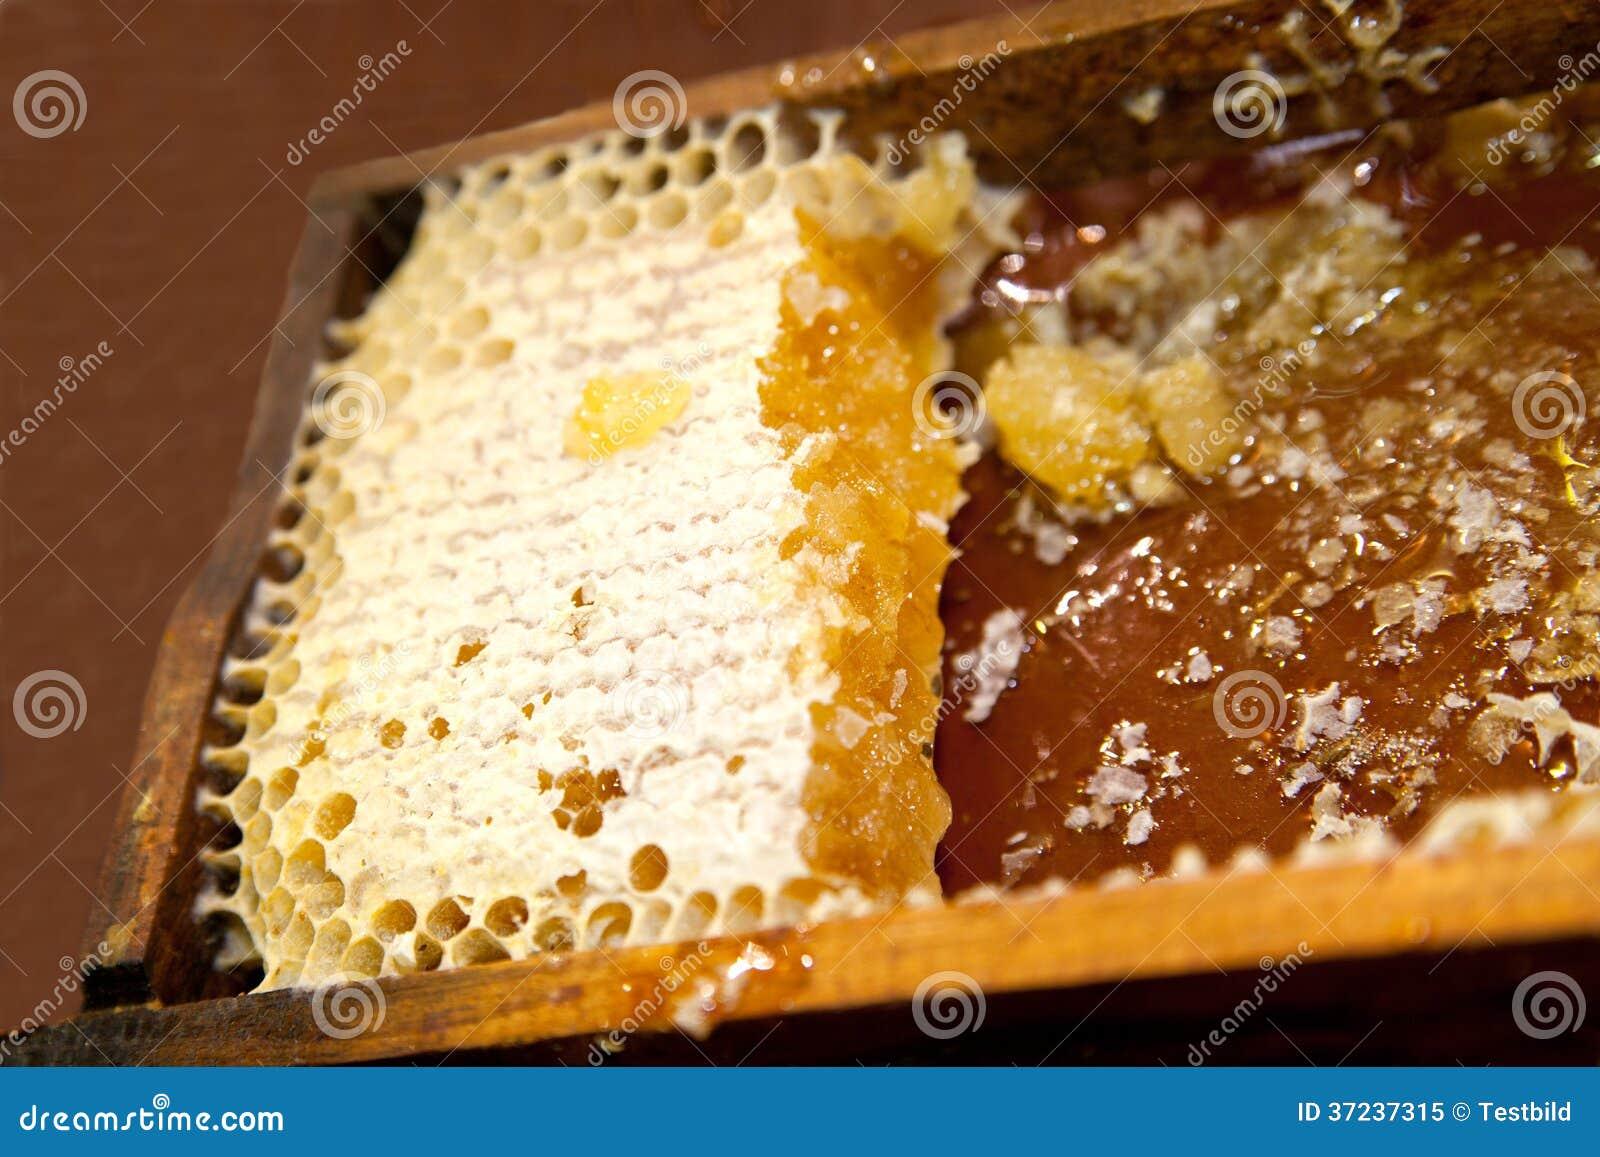 nid d 39 abeilles avec du miel et la cire photo libre de droits image 37237315. Black Bedroom Furniture Sets. Home Design Ideas